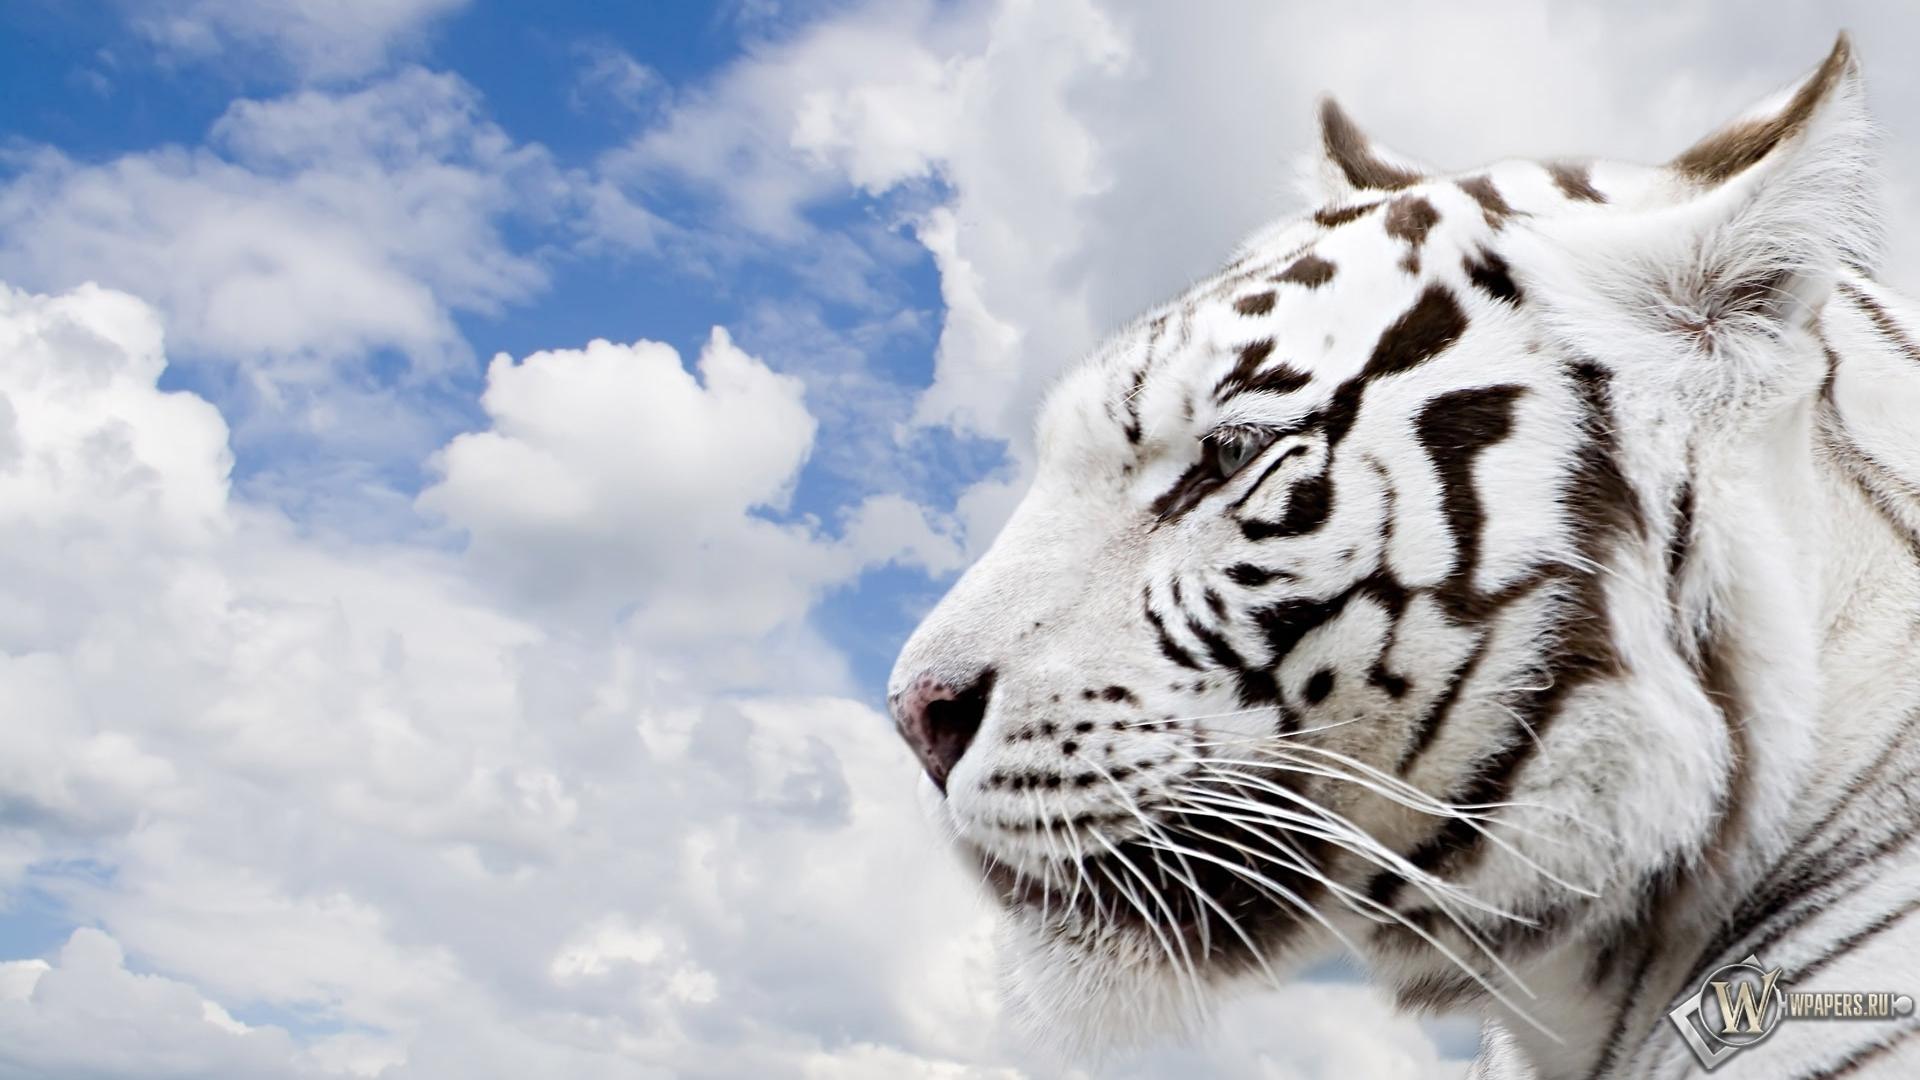 Обои белый тигр красавец картинки на рабочий стол